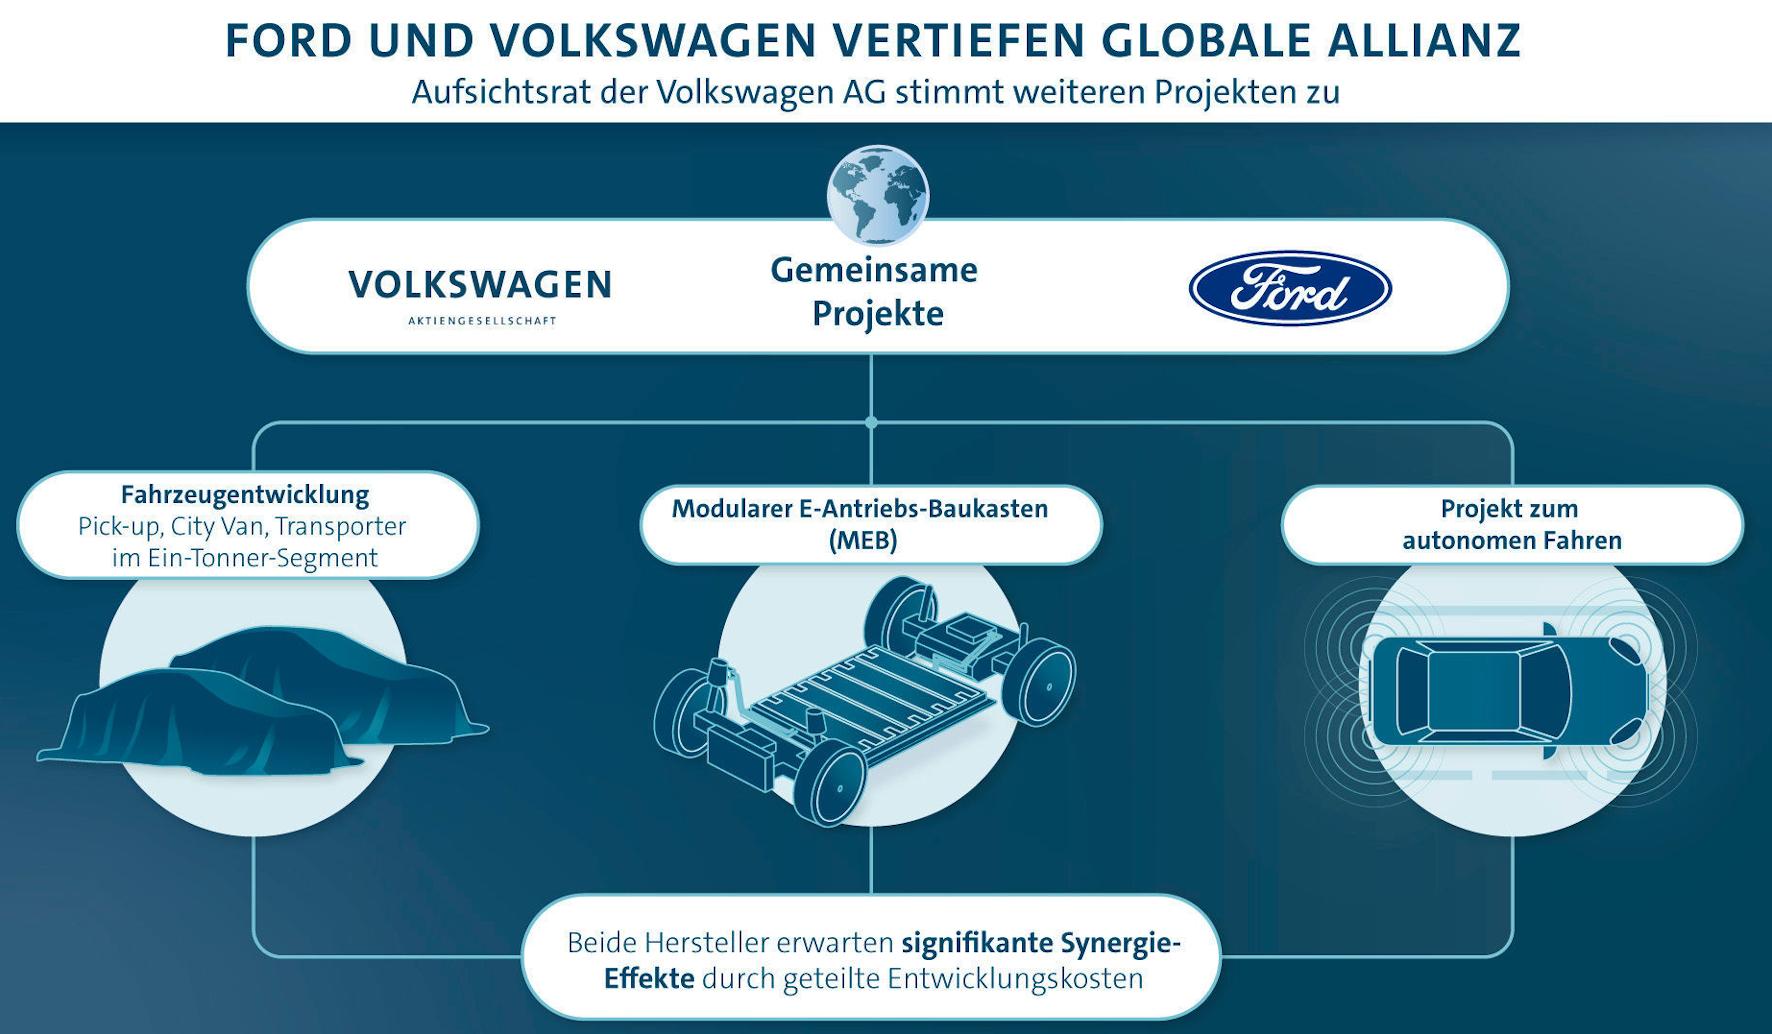 mid Groß-Gerau - Geteilte Kosten, gemeinsame Projekte: VW und Ford rücken zusammen. VW